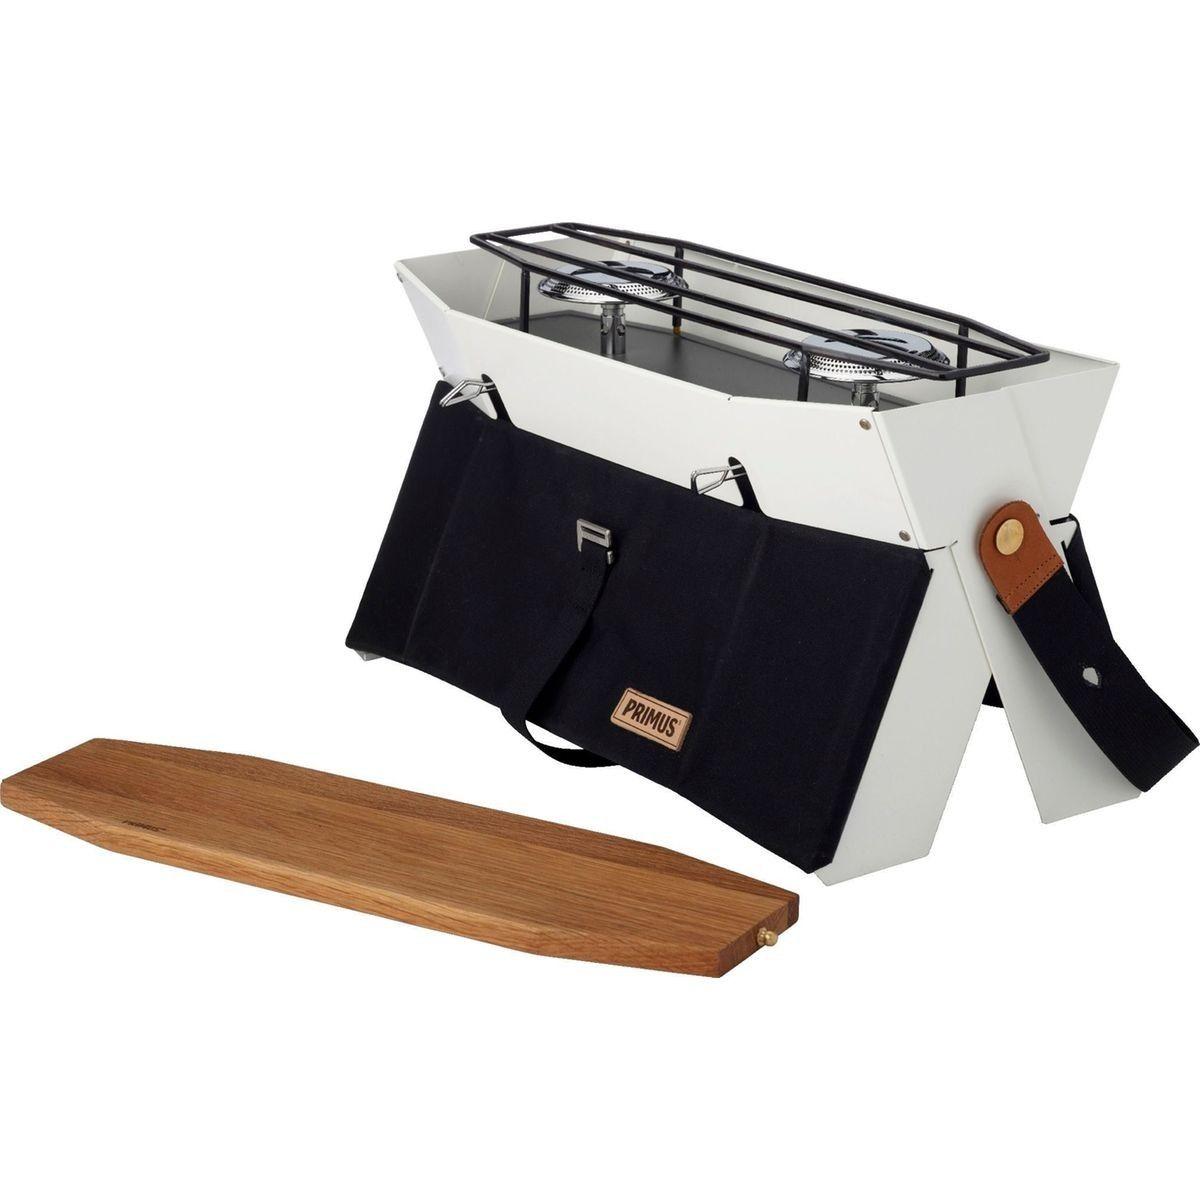 Cuisini/ère ext/érieure Camping Rocket Stove Barbecue pour la randonn/ée Cuisini/ère /à Bois Portable Four /à Charbon Campfire Equipement de Survie en Camping